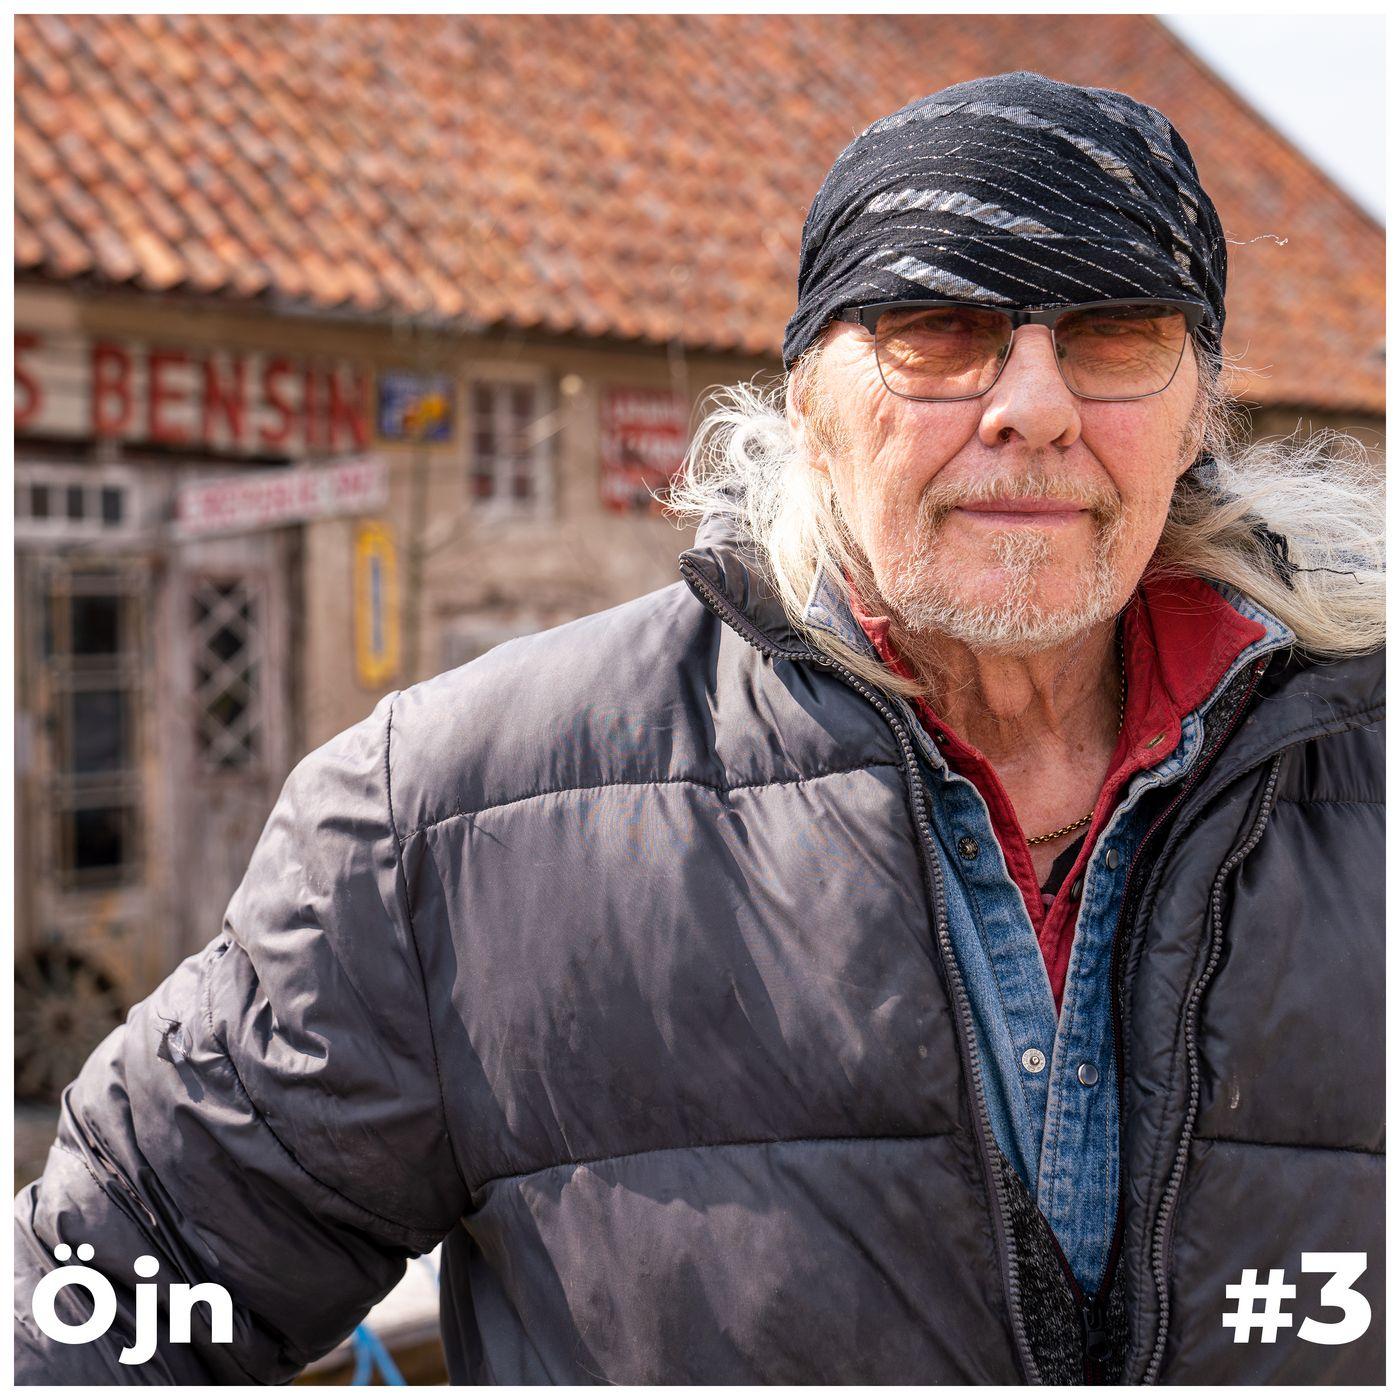 Nu är öjn på Fårö och tittar in hos legendariska Kutens Bensin med grundaren Thomas Lindholm. Thomas är man med en häftig historia.